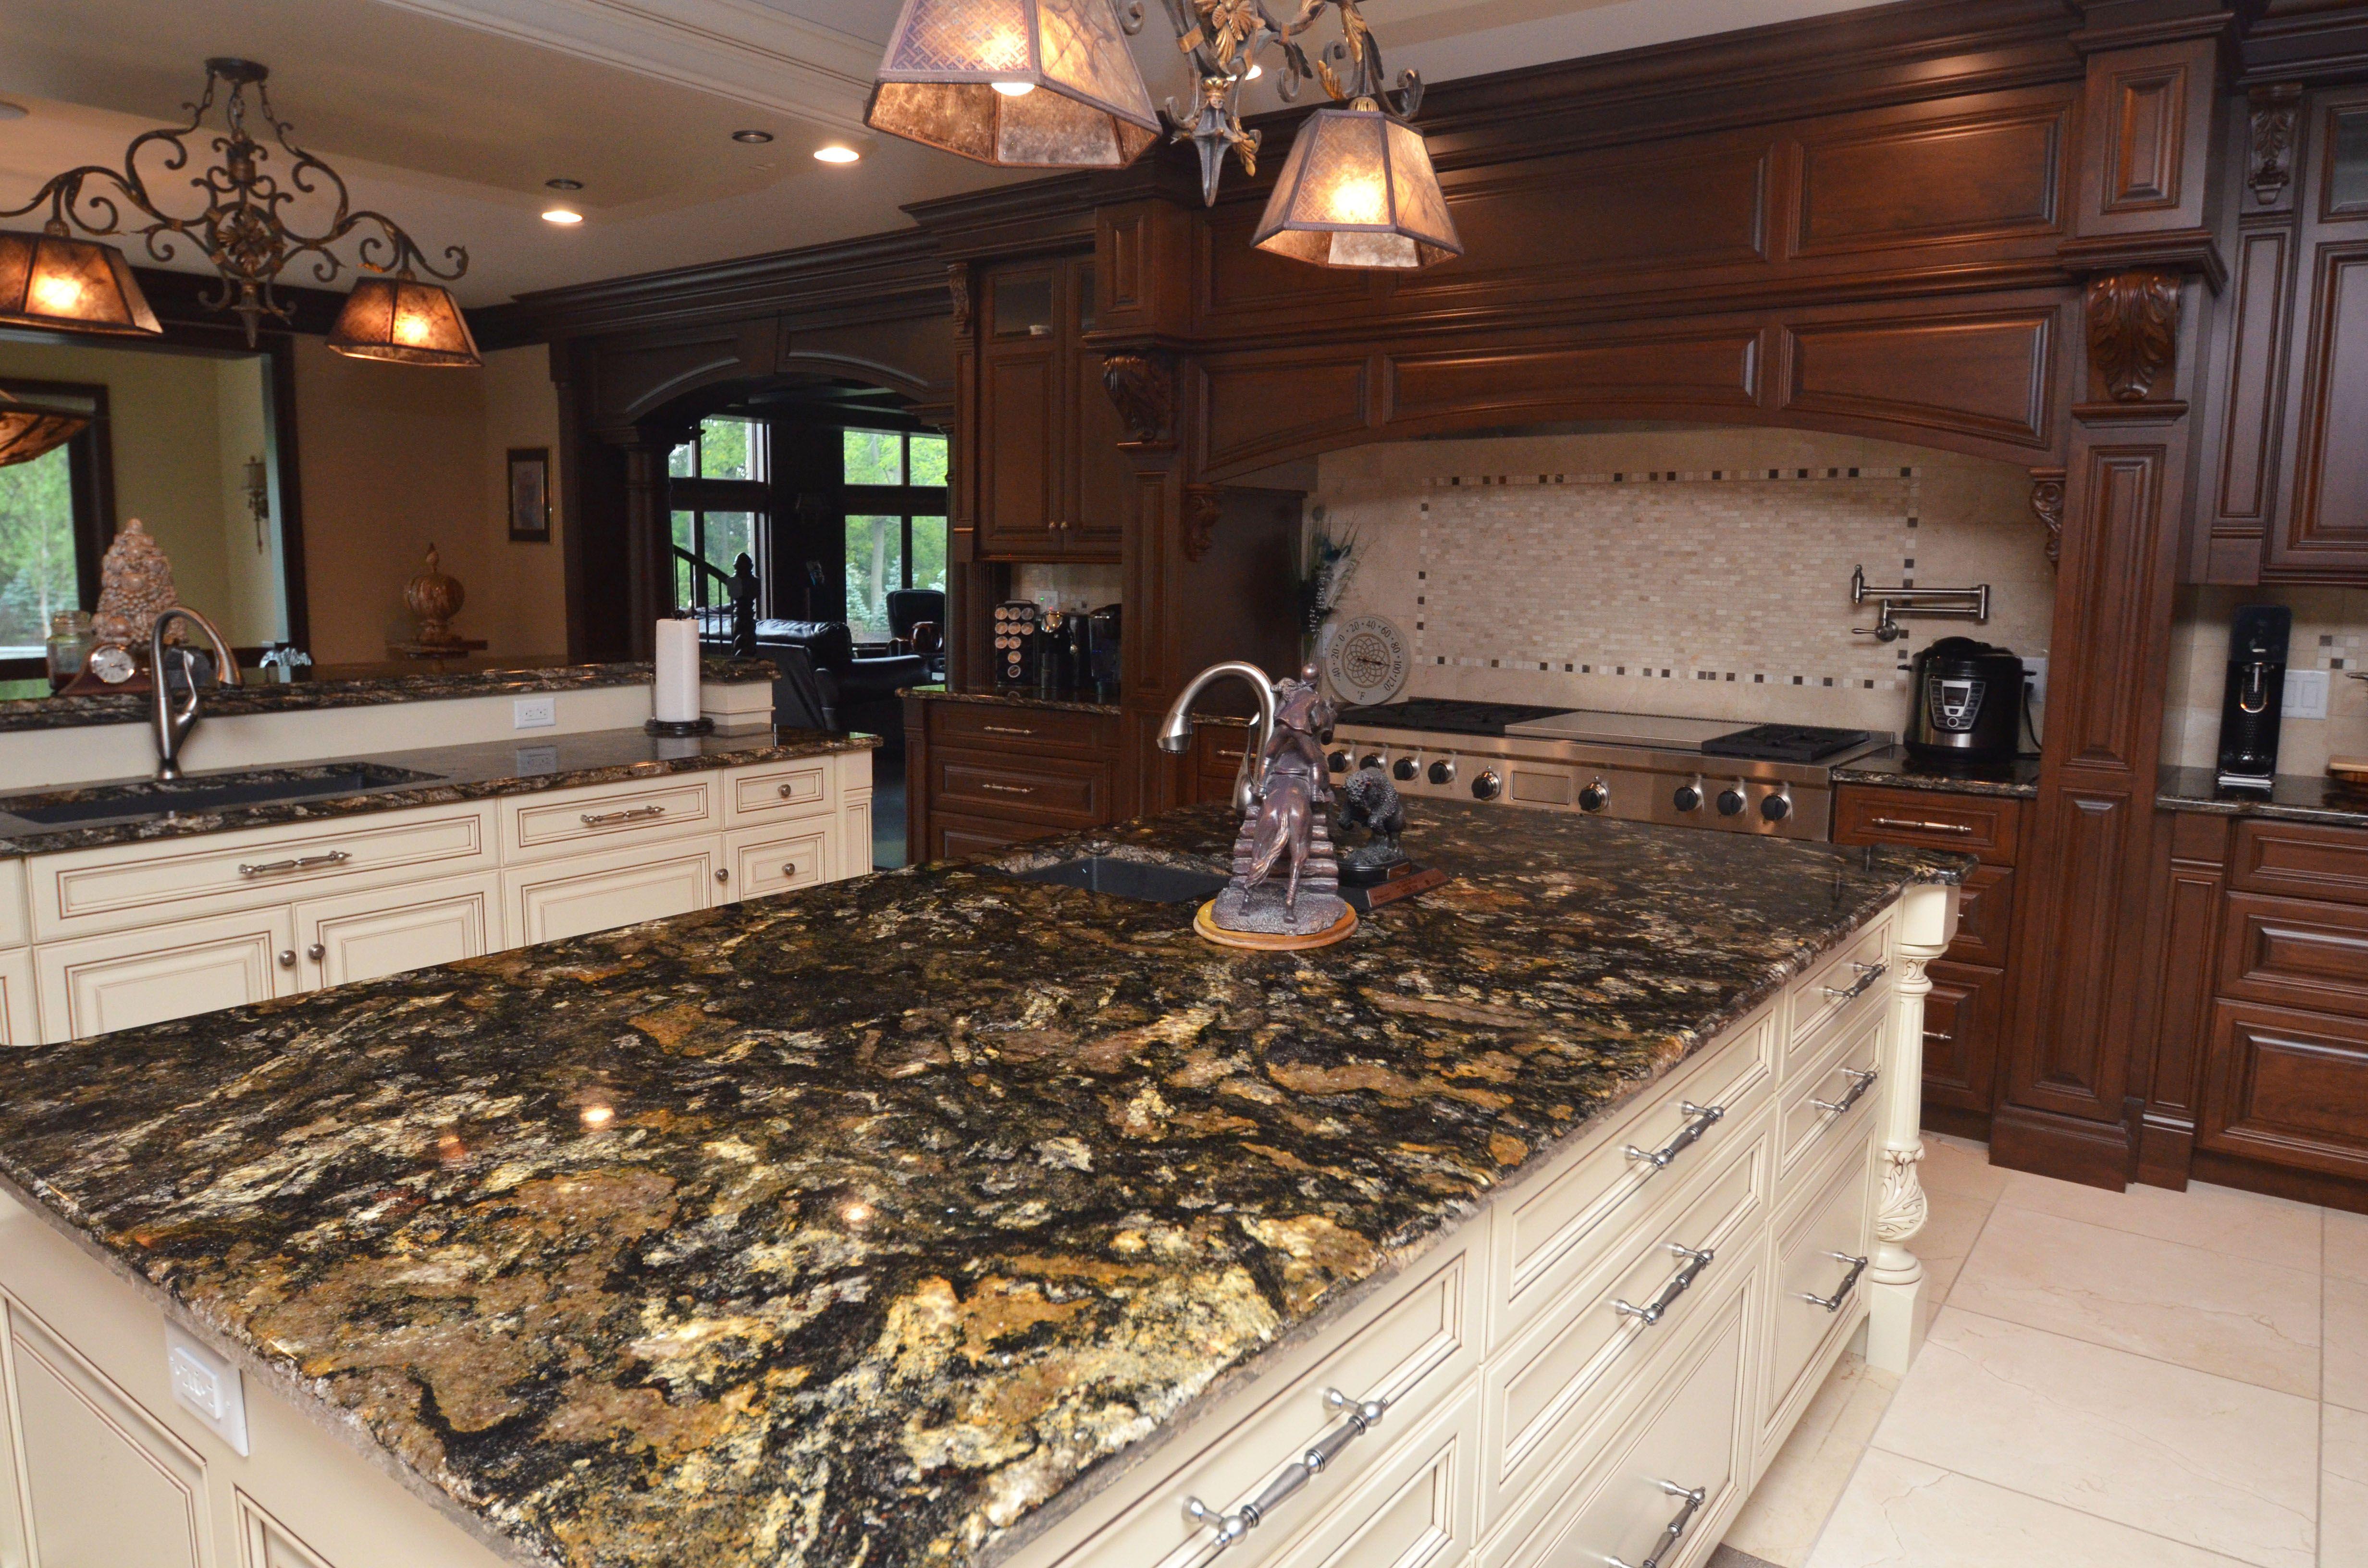 31+ Granite countertops for rustic kitchen ideas